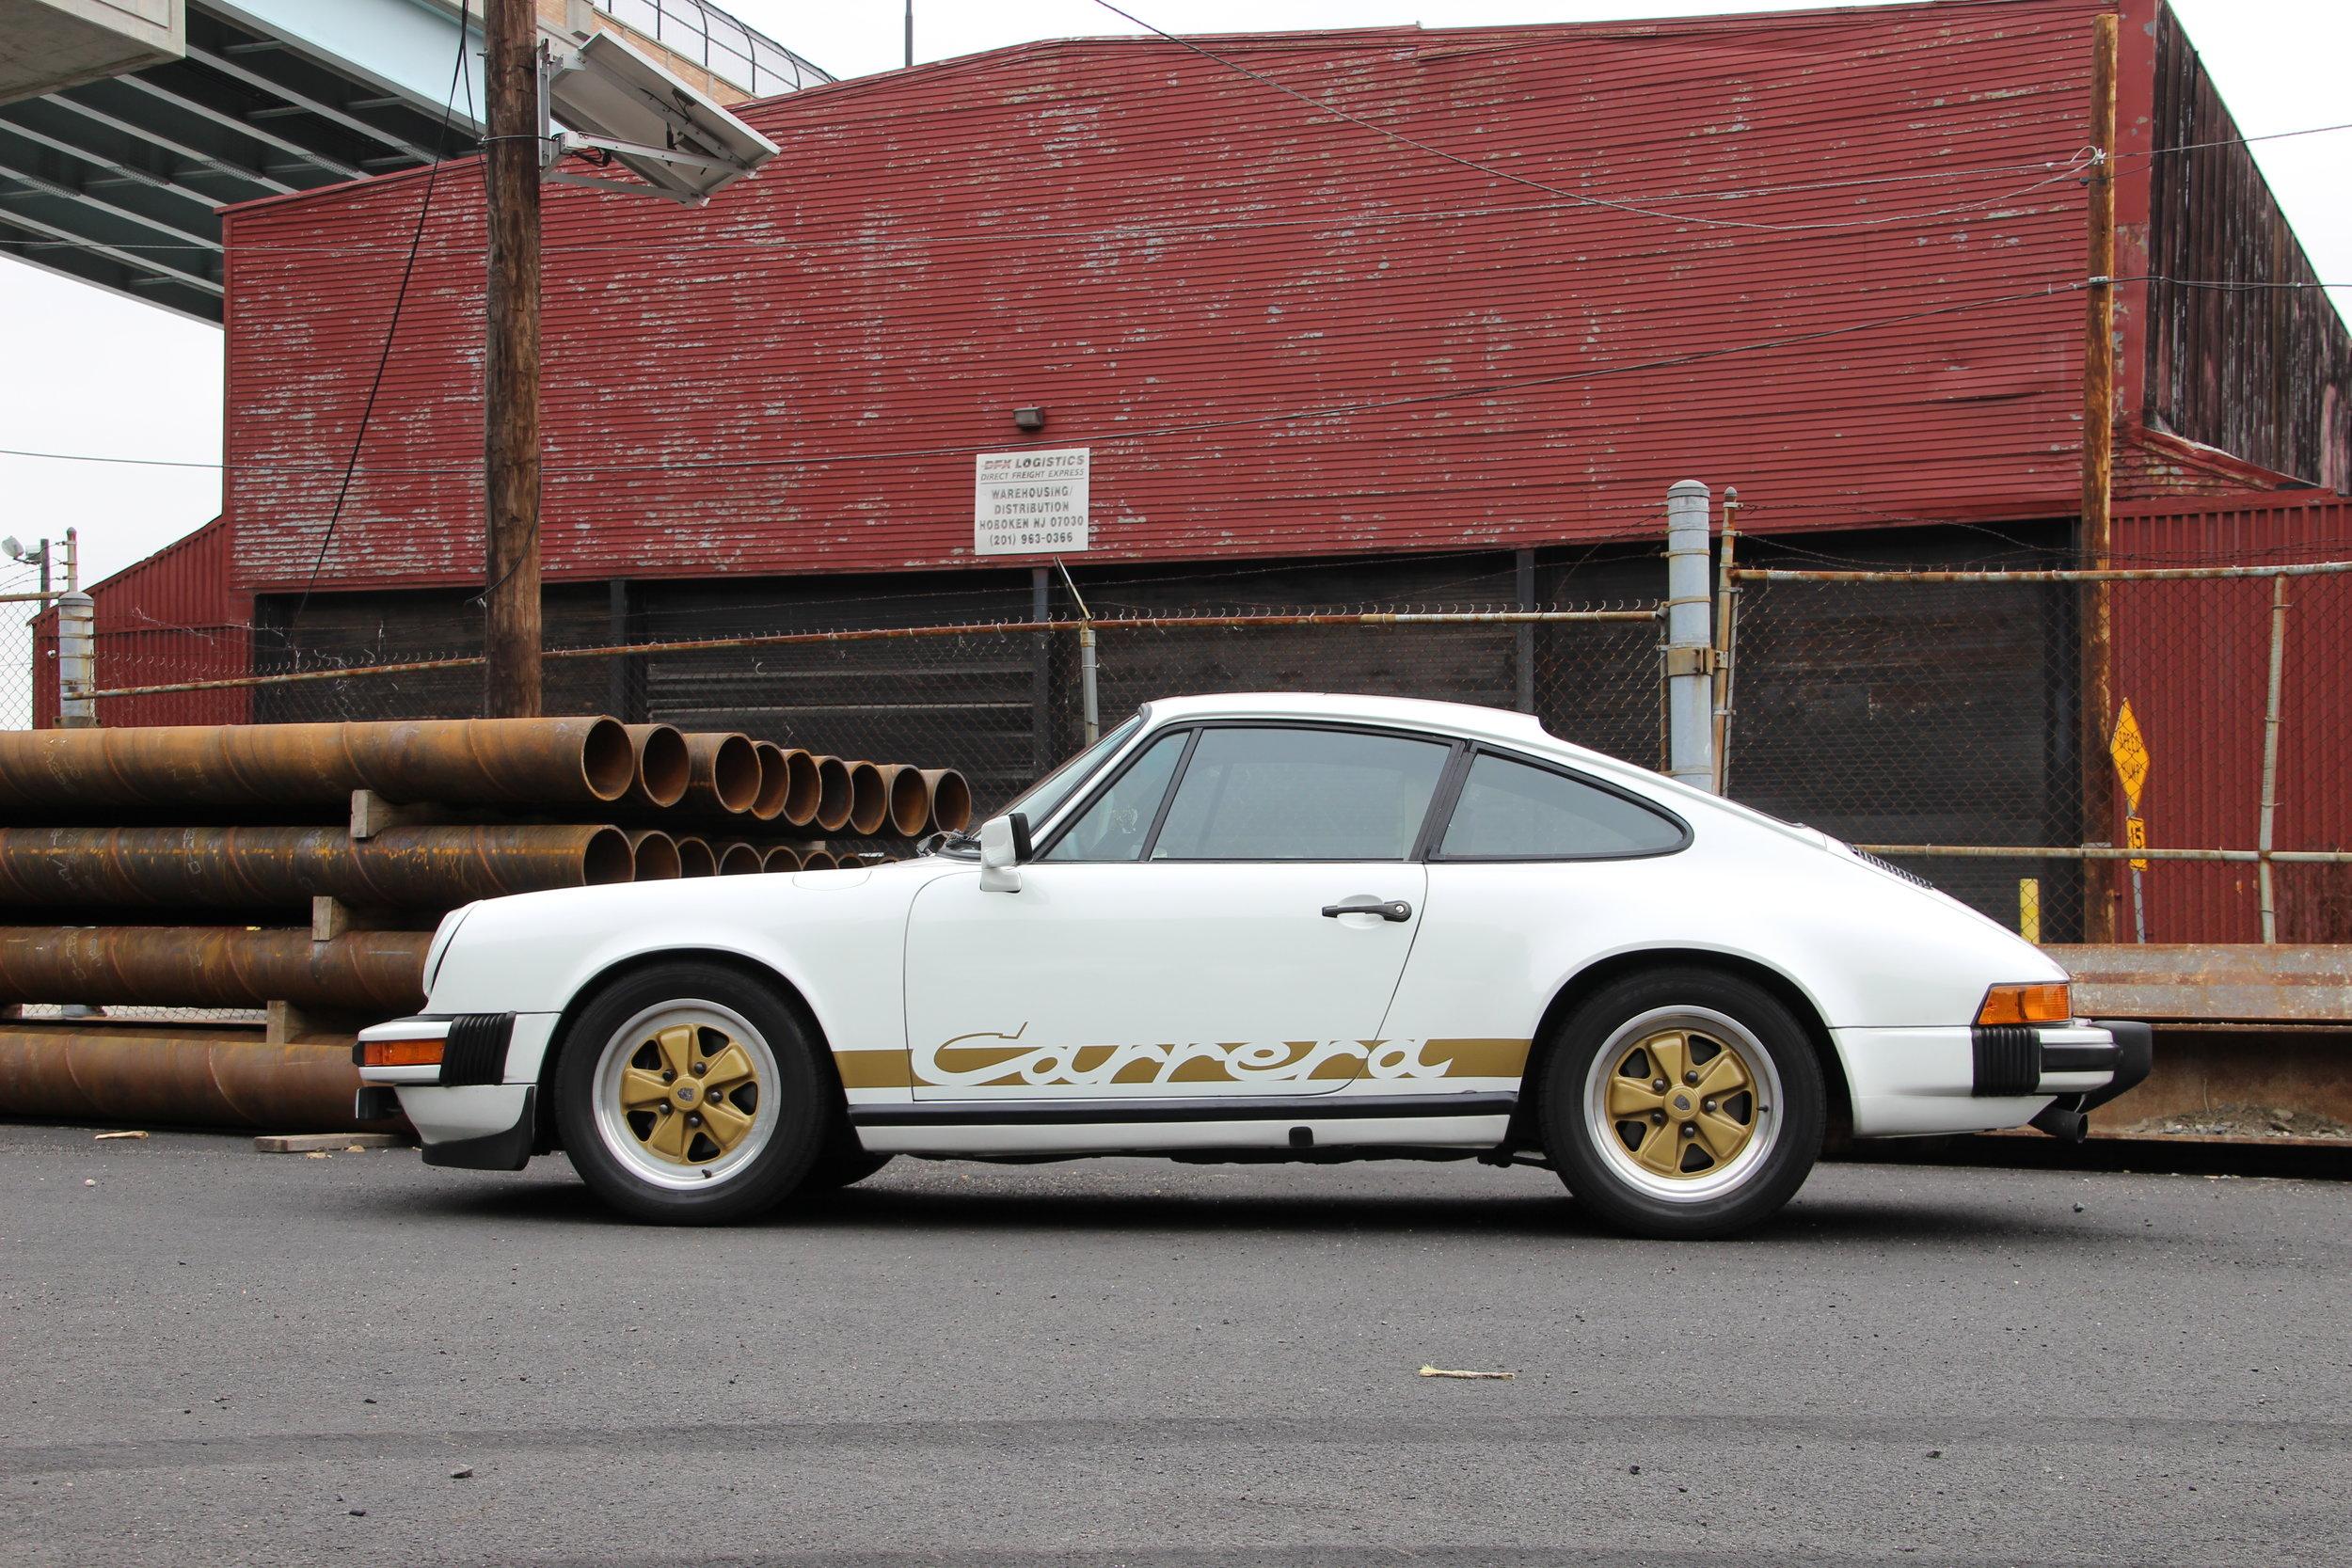 1981 Porsche 911 SC - Sold july 26, 2019